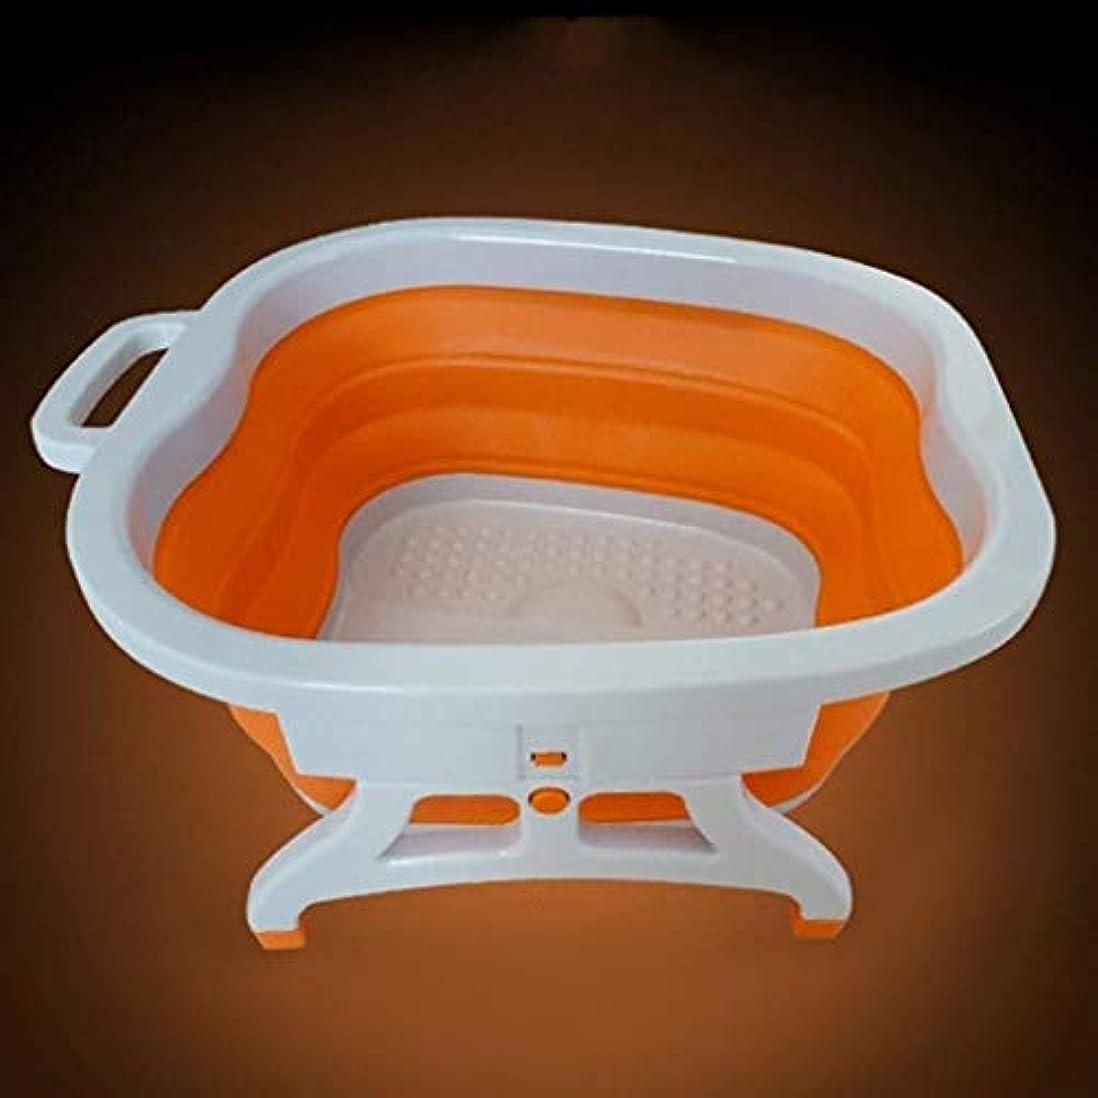 慈悲倒錯エーカーフットバスバレル、スクエア発泡プラスチックボウル、取っ手付きポータブルフットバスバレル、多機能、折り畳み式 (Color : オレンジ)